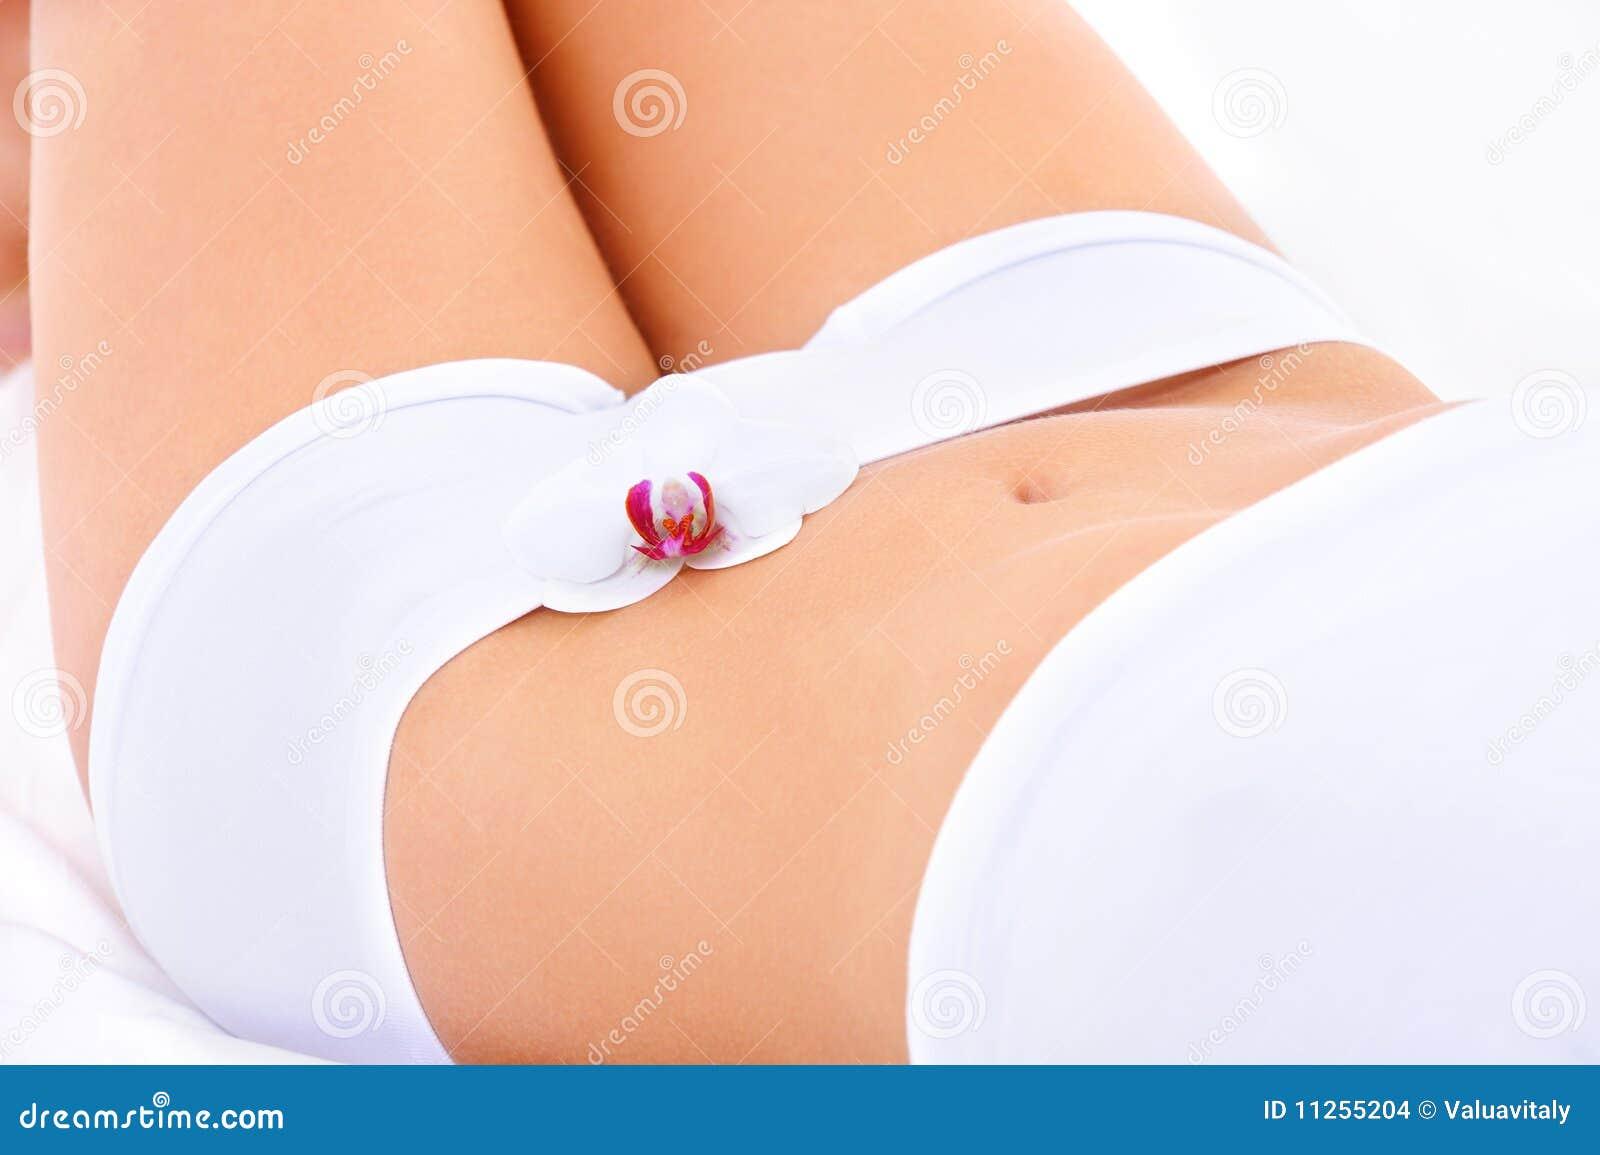 Разрыв вагины у девочек 5 фотография